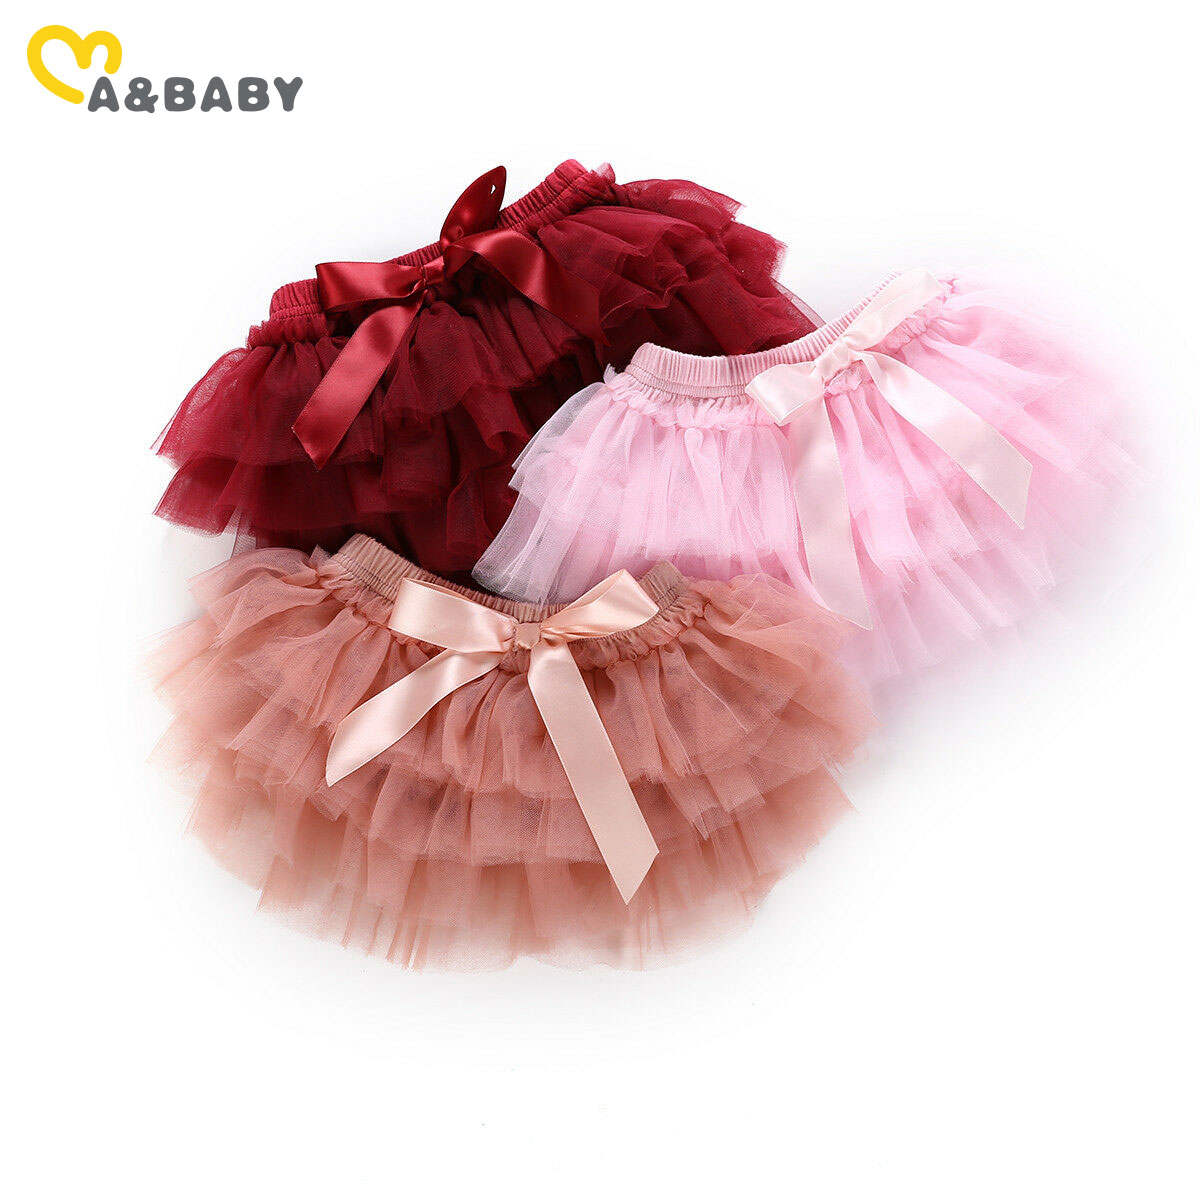 Юбка-пачка для новорожденных девочек 0-24 м, Тюлевая бальная юбка с бантом принцессы, рождественские красные костюмы для маленьких девочек + п...